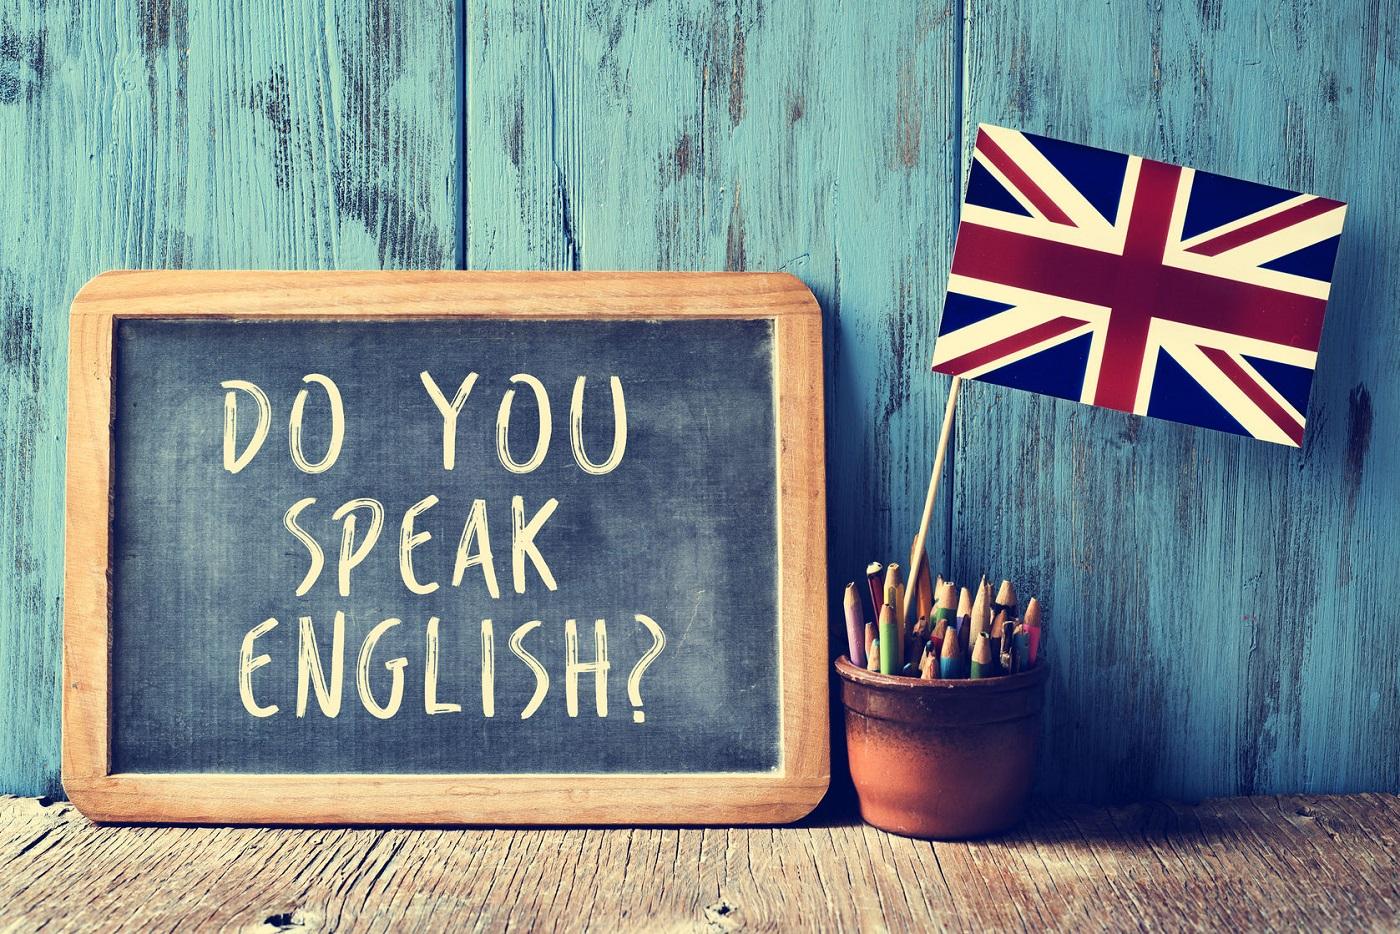 Quer aprender inglês? Confira 10 sugestões mesmo estando no Brasil